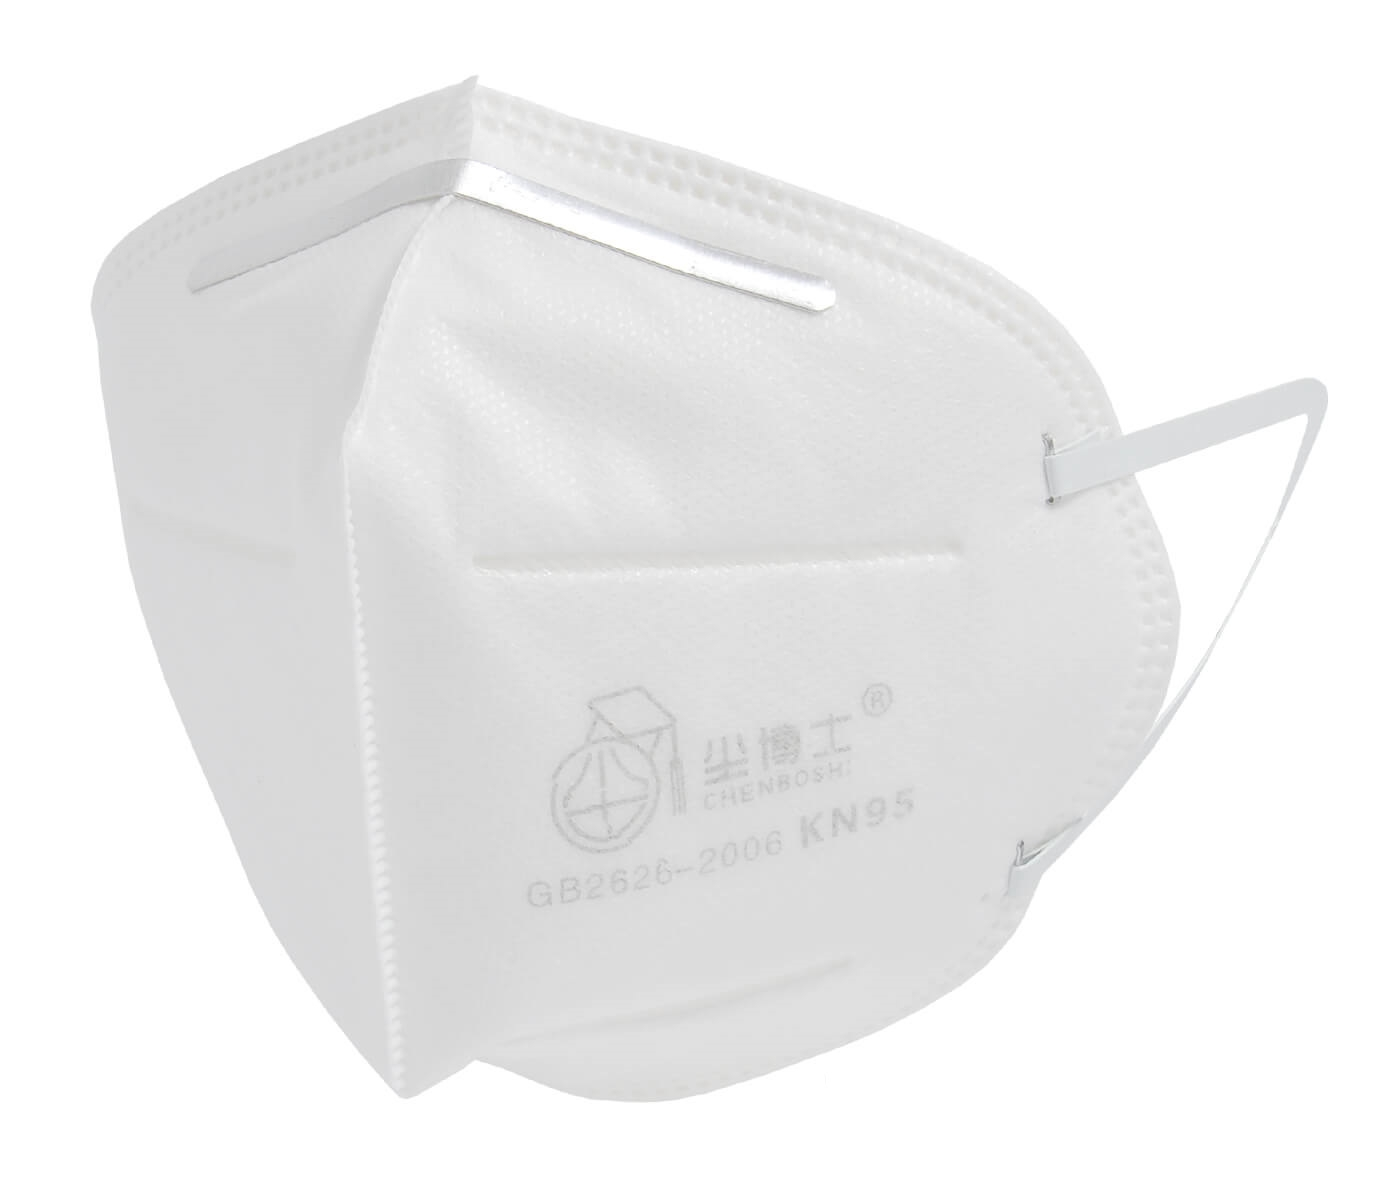 Atemschutzmaske (FFP2/KN95)